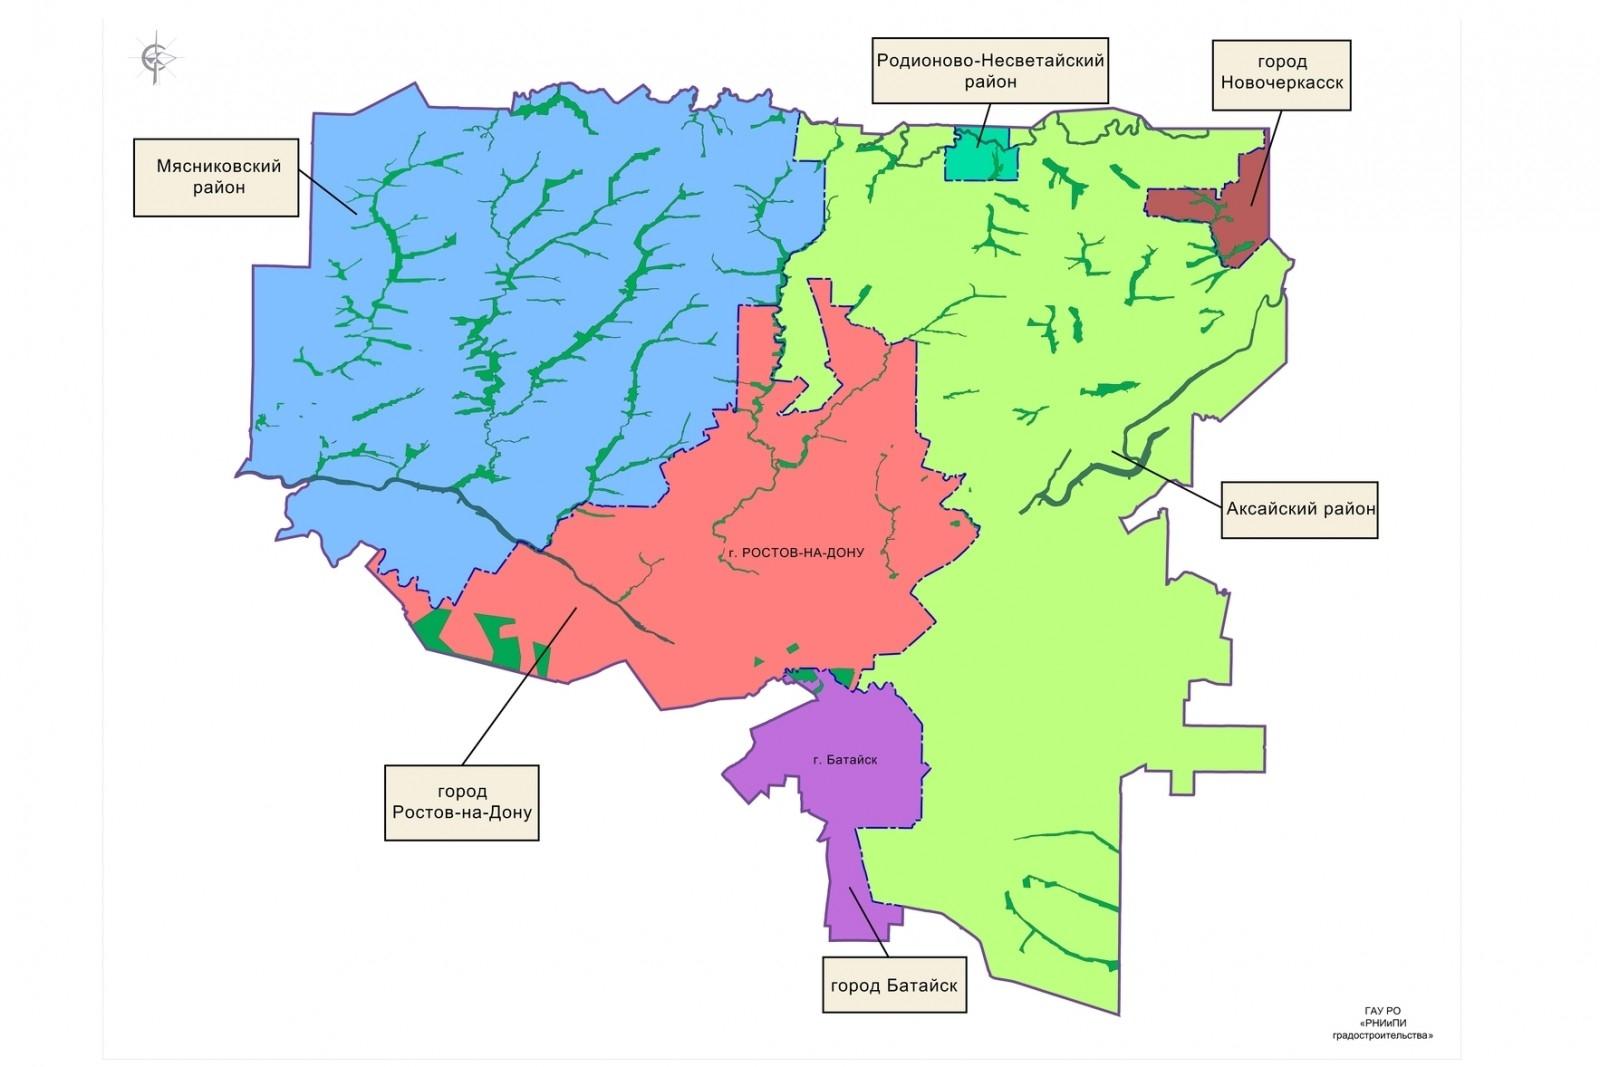 Вокруг Ростовской агломерации появится зелёный щит